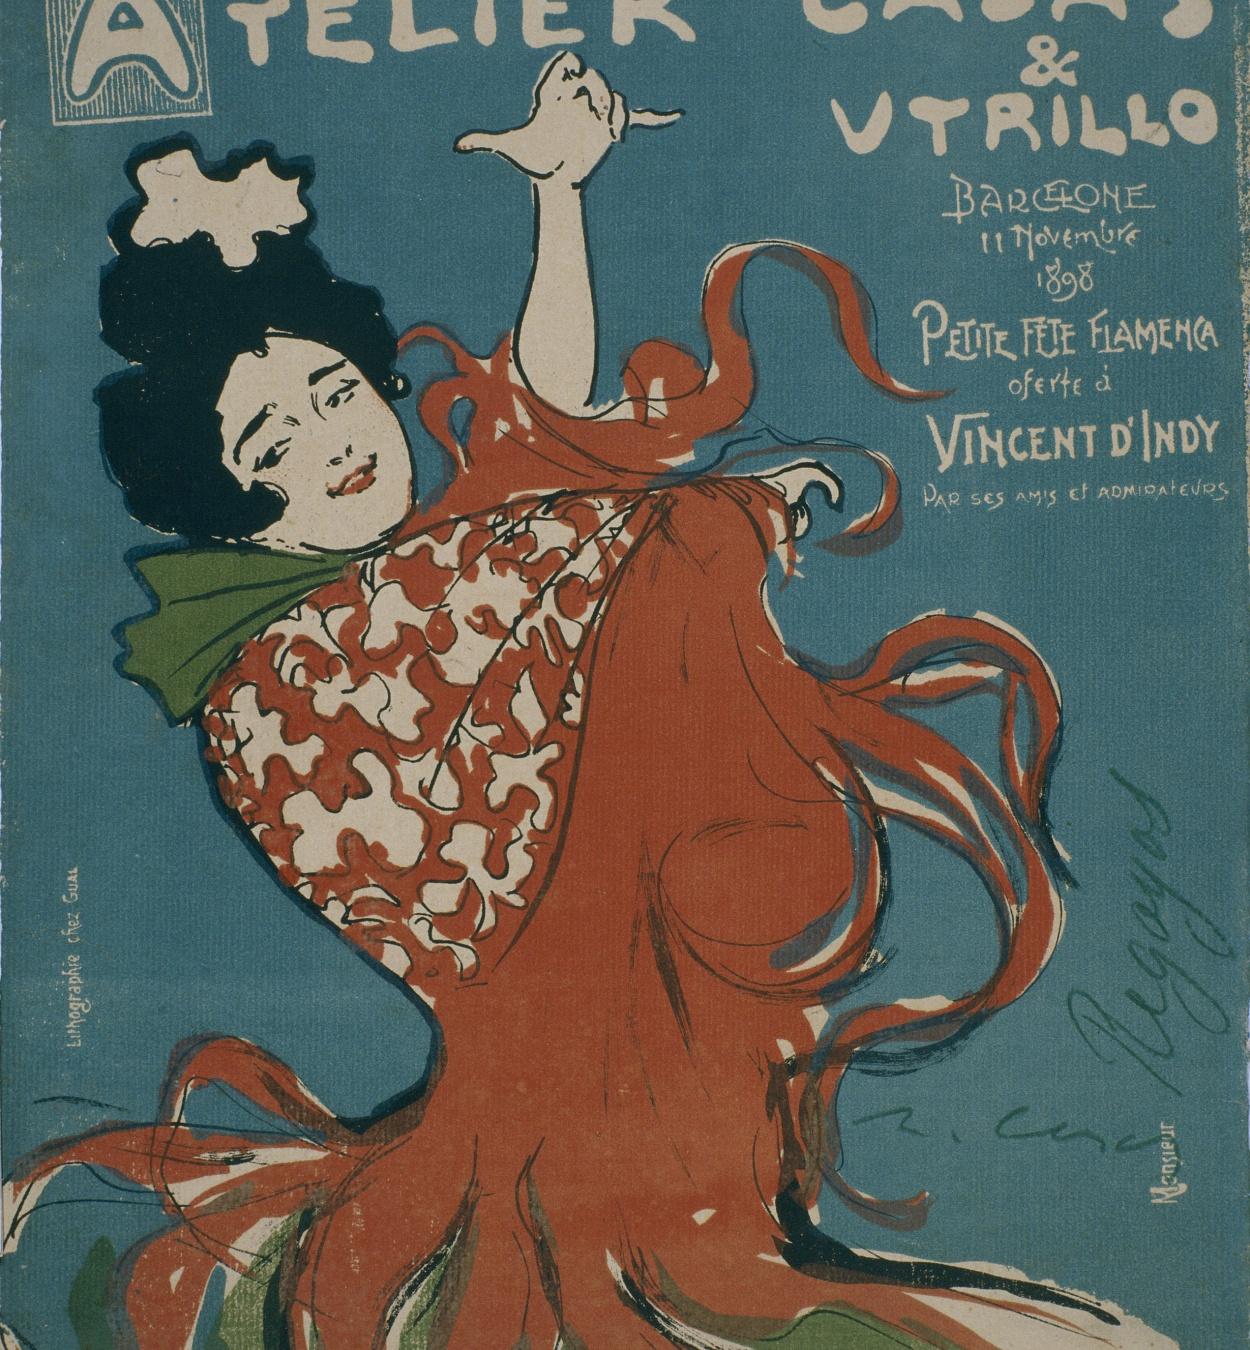 Ramon Casas - Atelier Casas & Utrillo - 1898